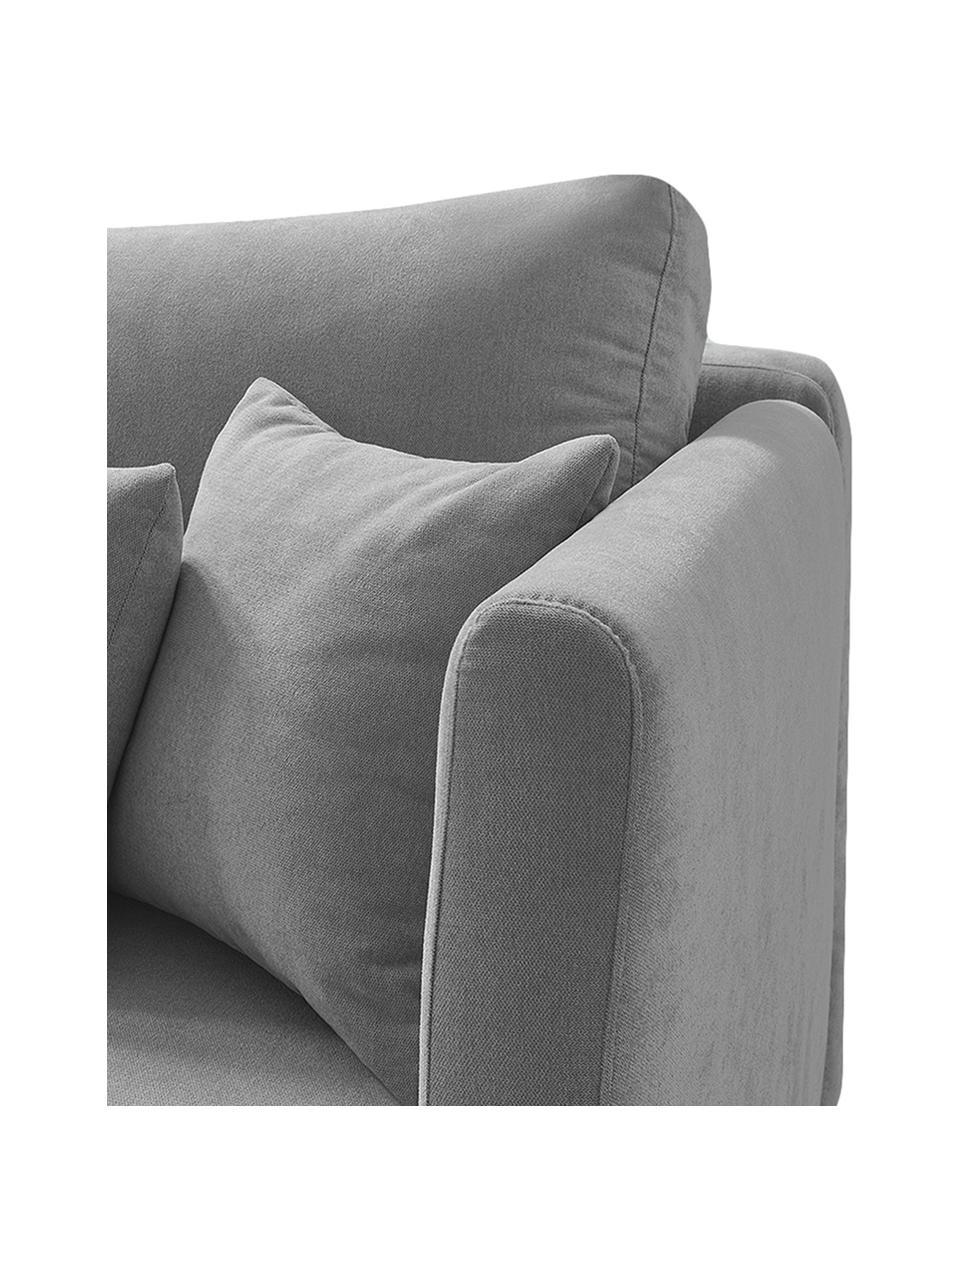 Sofa z funkcją spania Triplo (3-osobowa), Tapicerka: 100% aksamit poliestrowy, Nogi: metal lakierowany, Szary, S 216 x G 105 cm